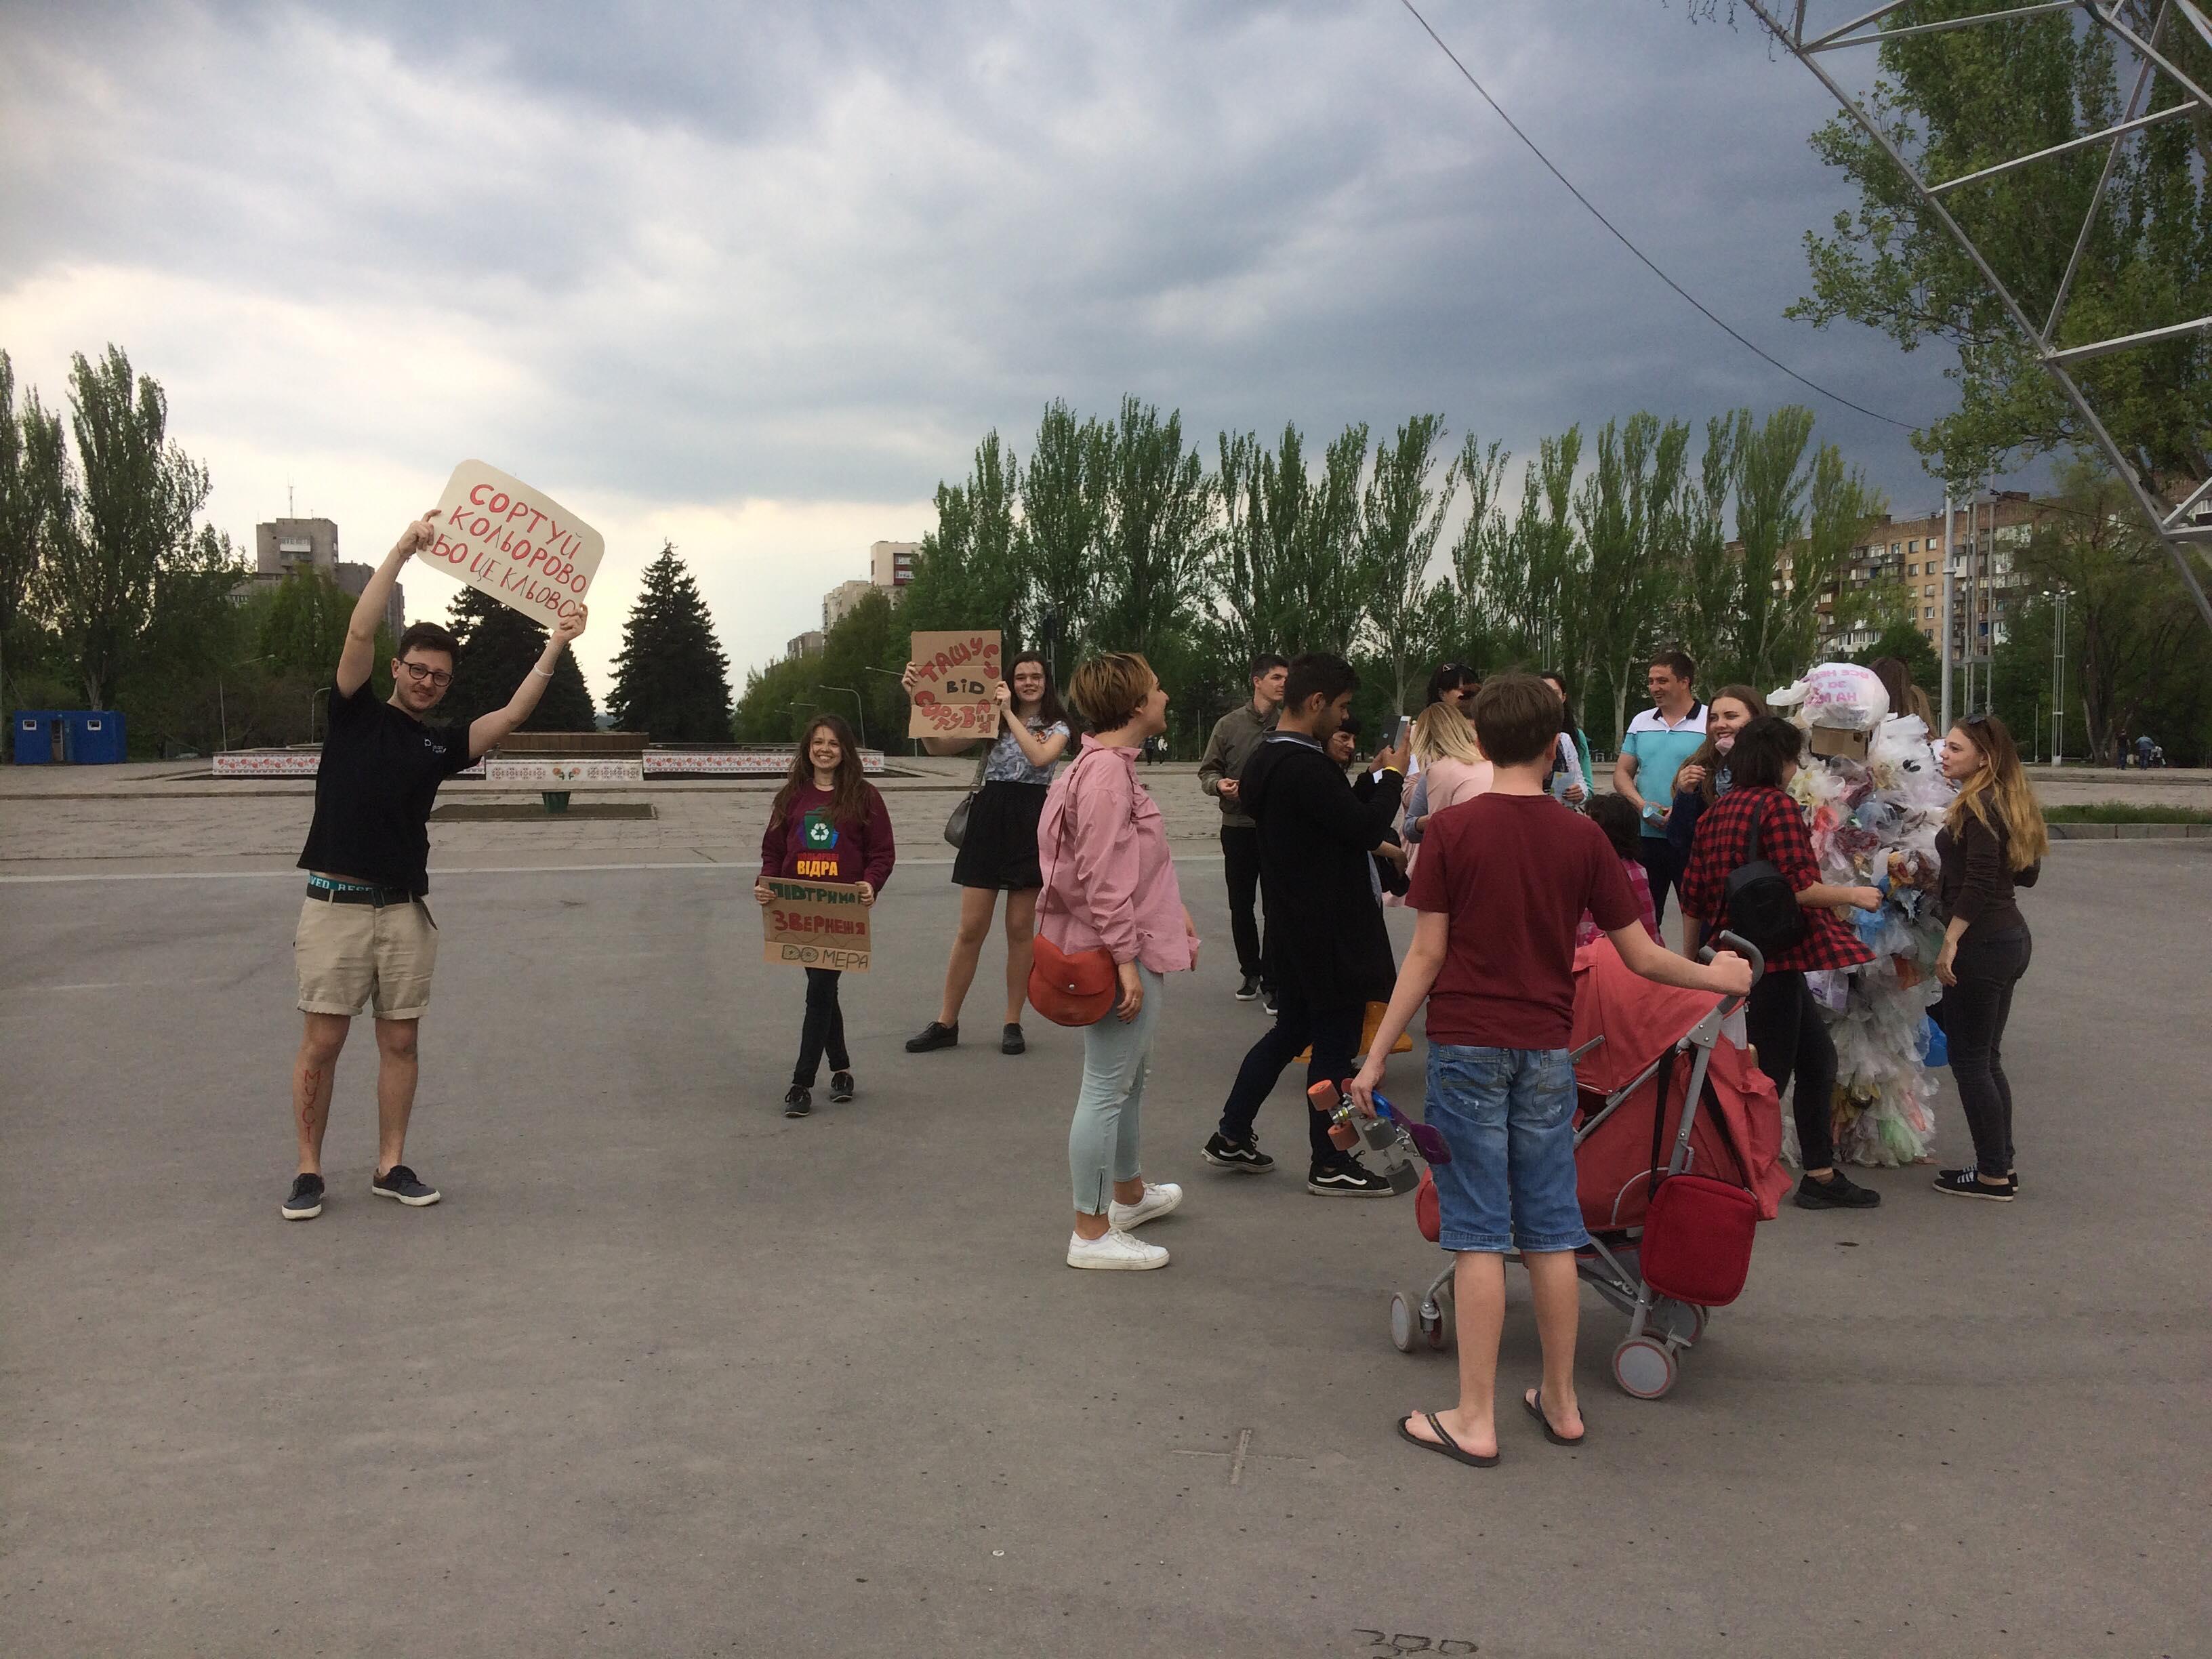 Запорожские активисты предлагают установить в учебных заведениях контейнеры для раздельной сортировки мусора - ФОТО